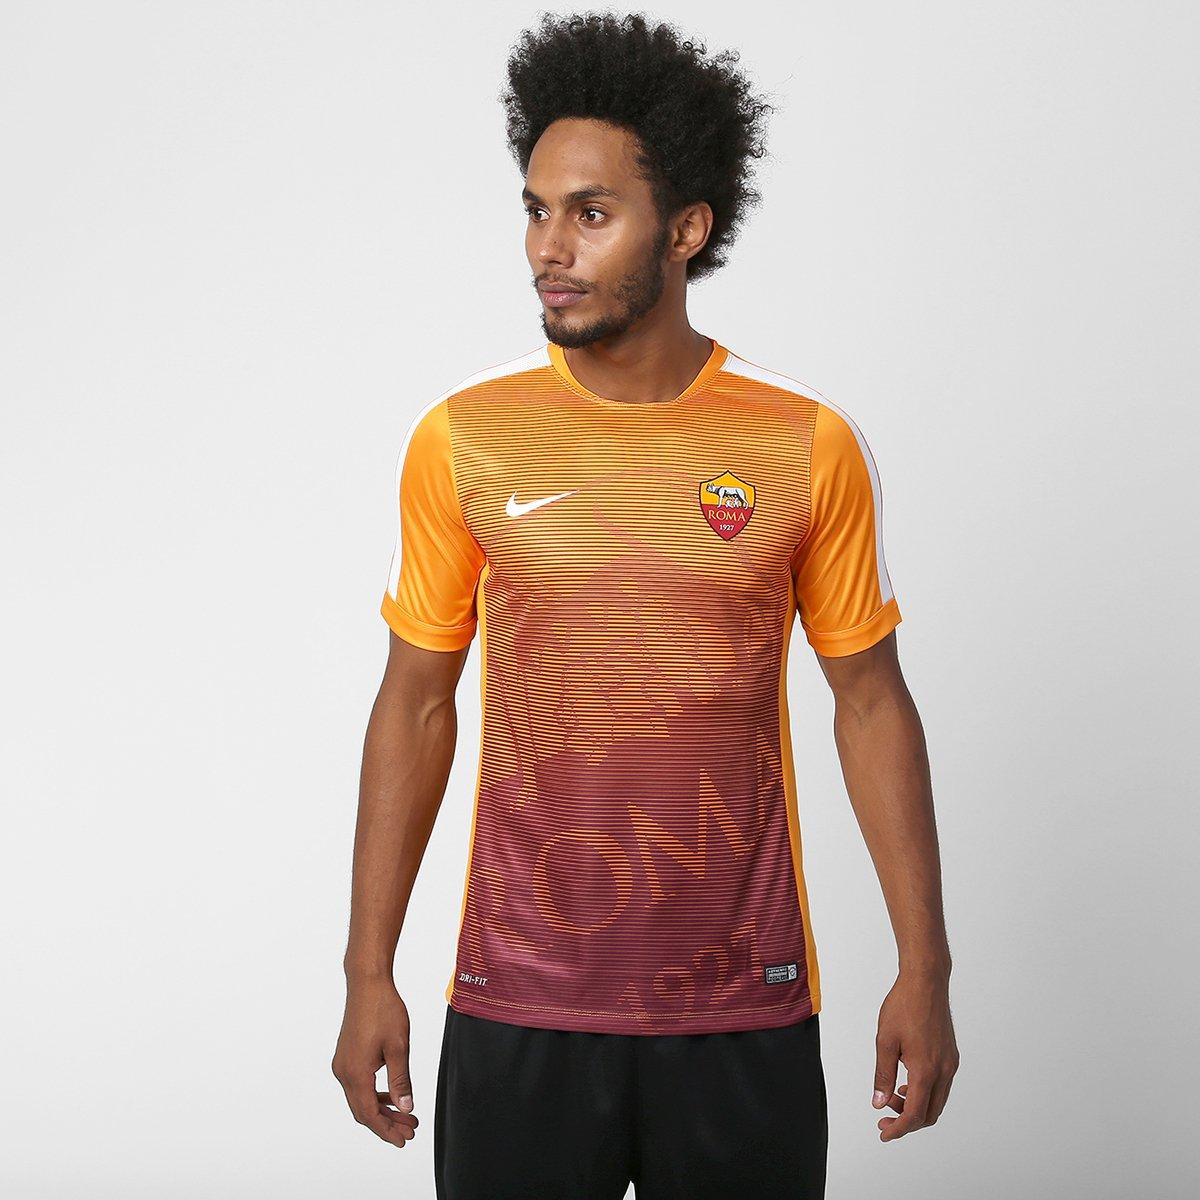 30485922f4 Camisa Nike Roma Pre Match 2015 - Compre Agora